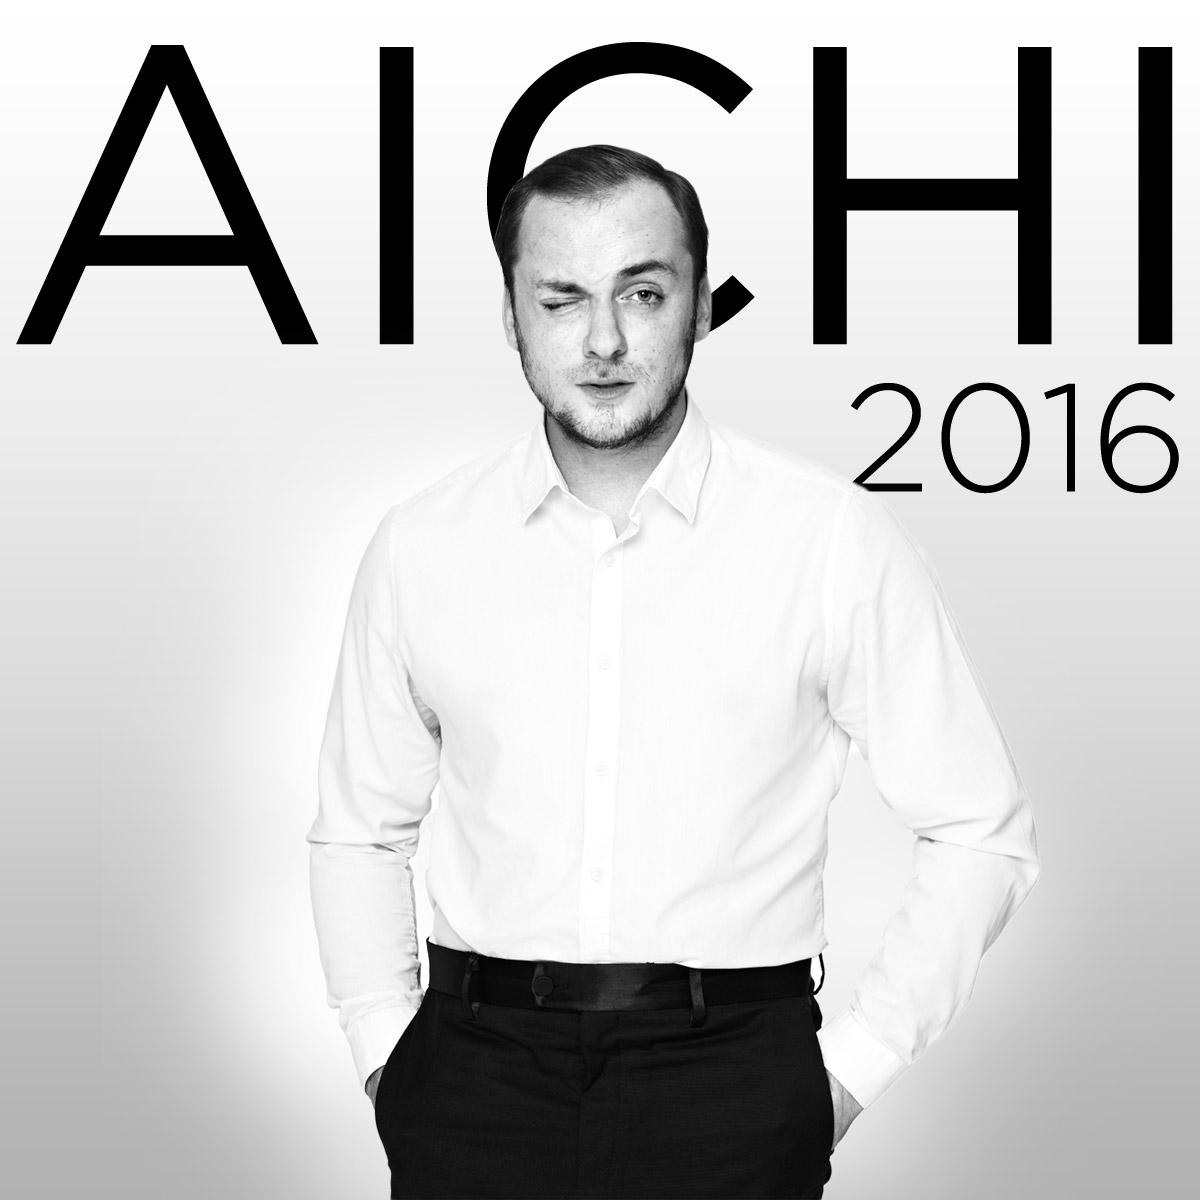 AICHI 2016 startuje – na otázky ohledně projektu nám odpověděl manažer projektu AICHI, Vojtěch Kaštánek.